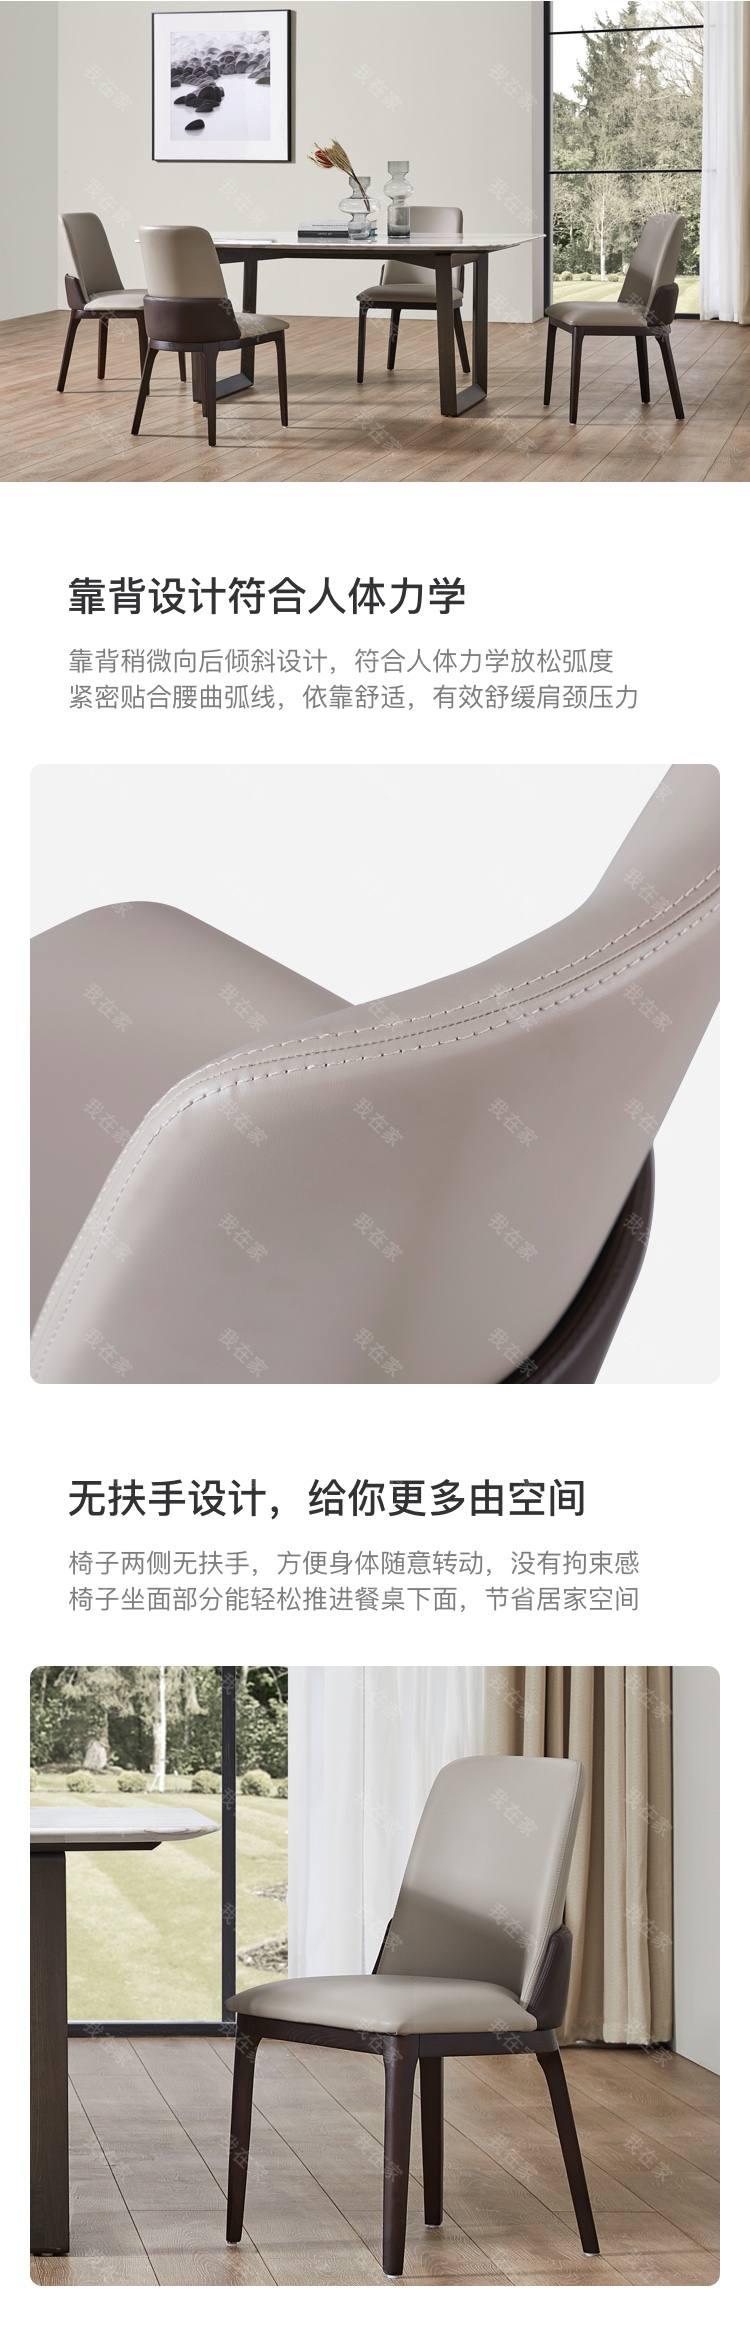 意式极简风格弗利餐椅的家具详细介绍